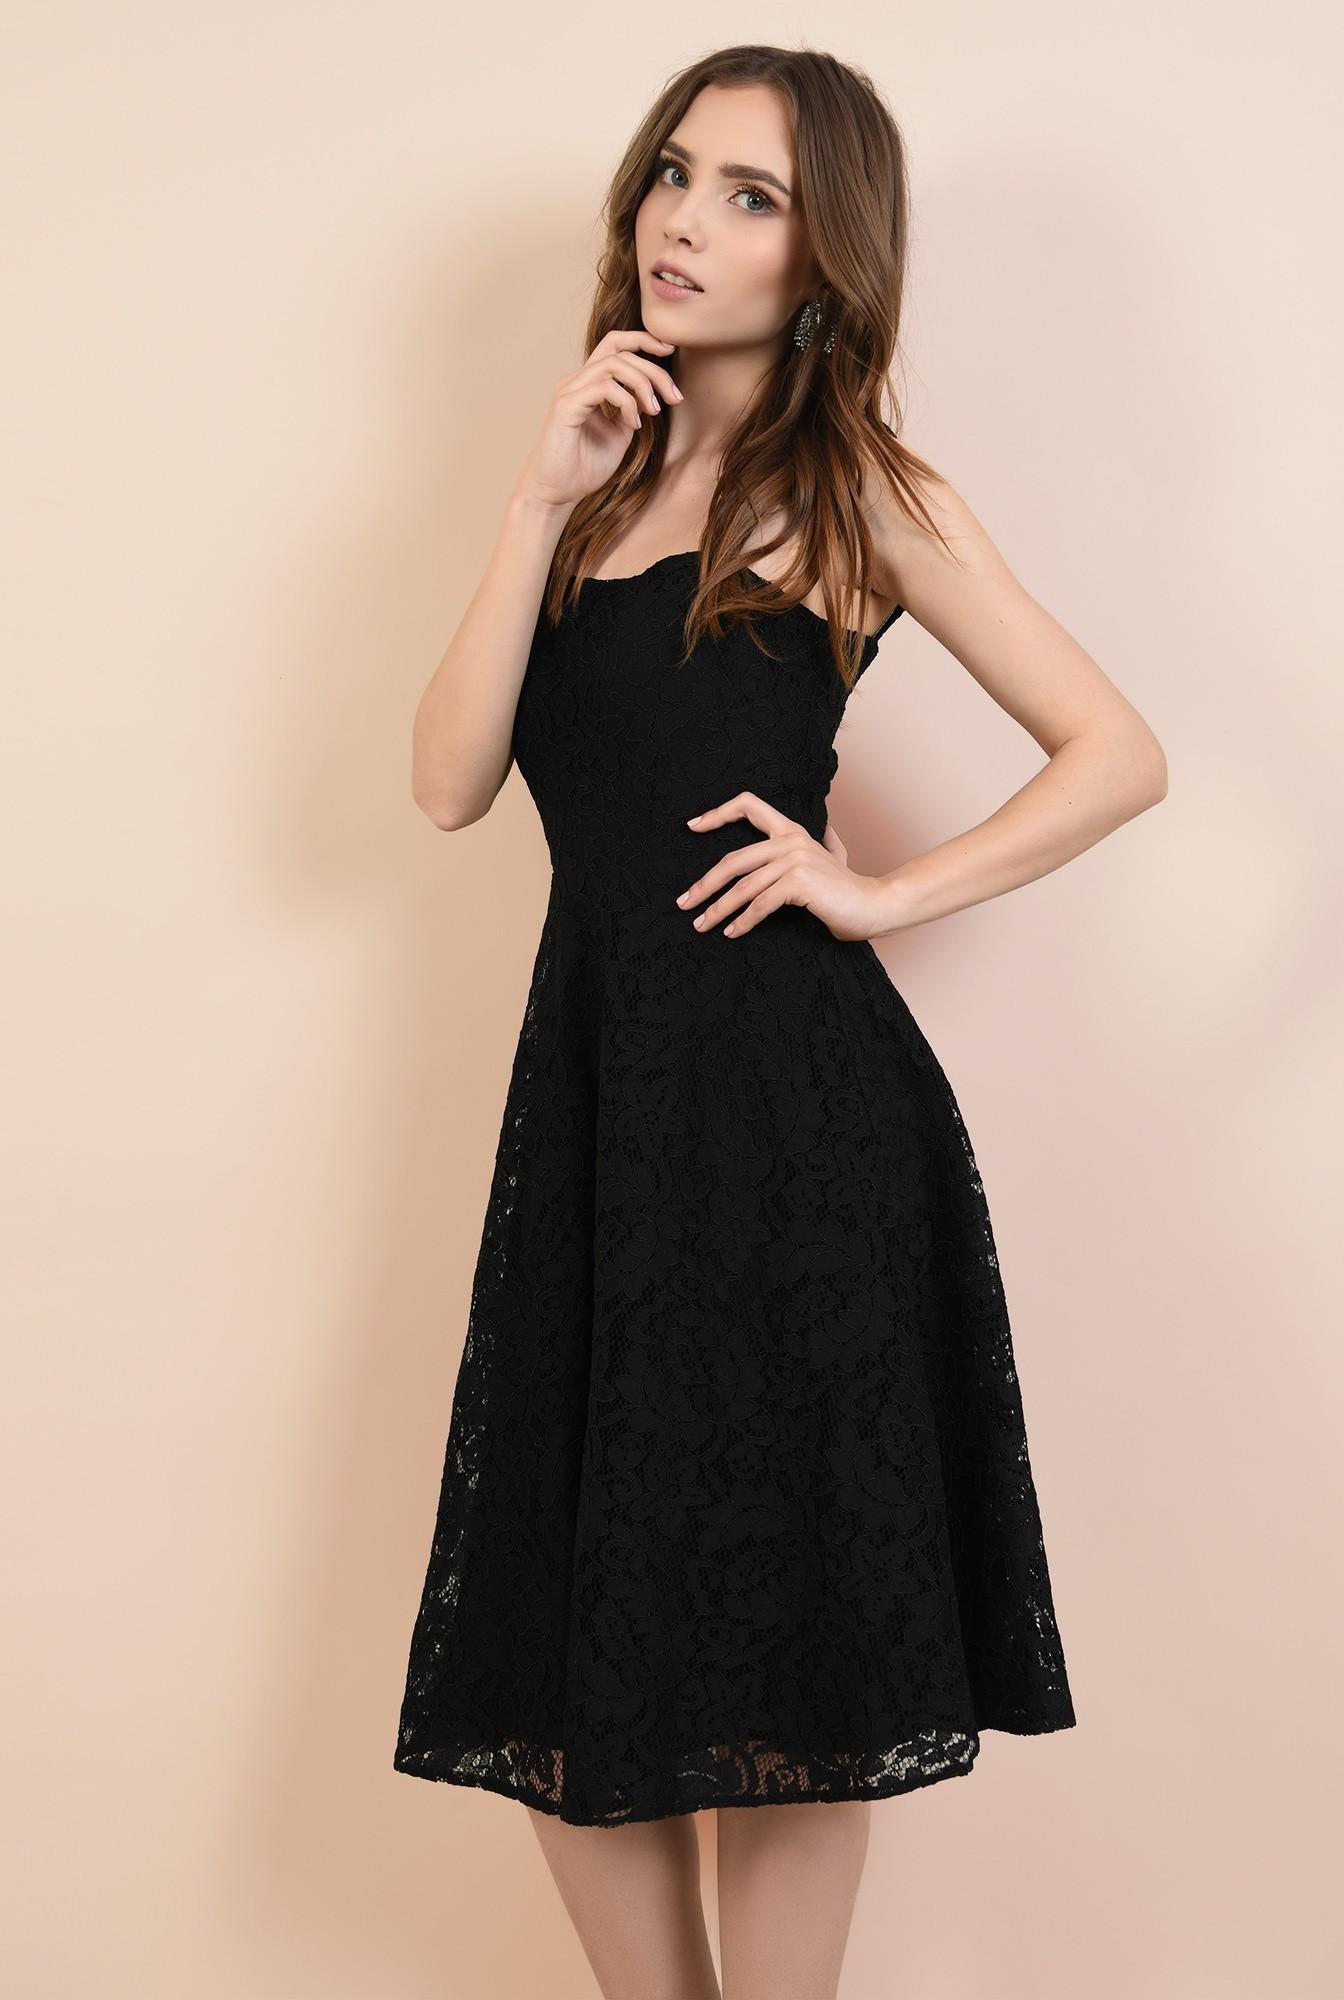 0 - rochie de ocazie, neagra, din dantela, cu bretele, croi evazat, Poema